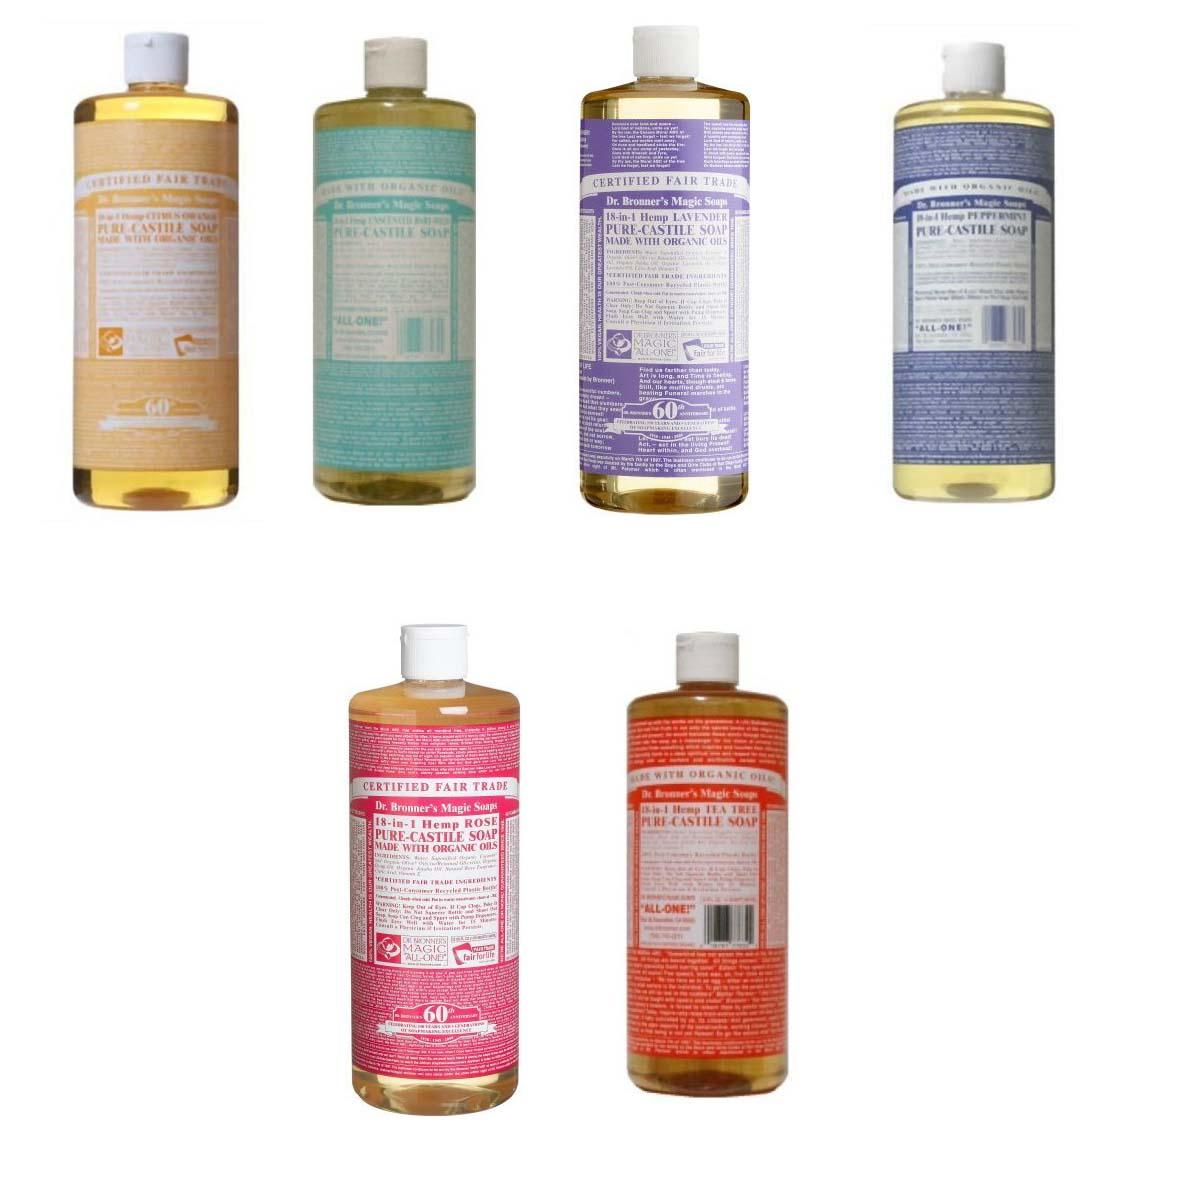 Ml(organic liquid soap 944 ml fs3gm